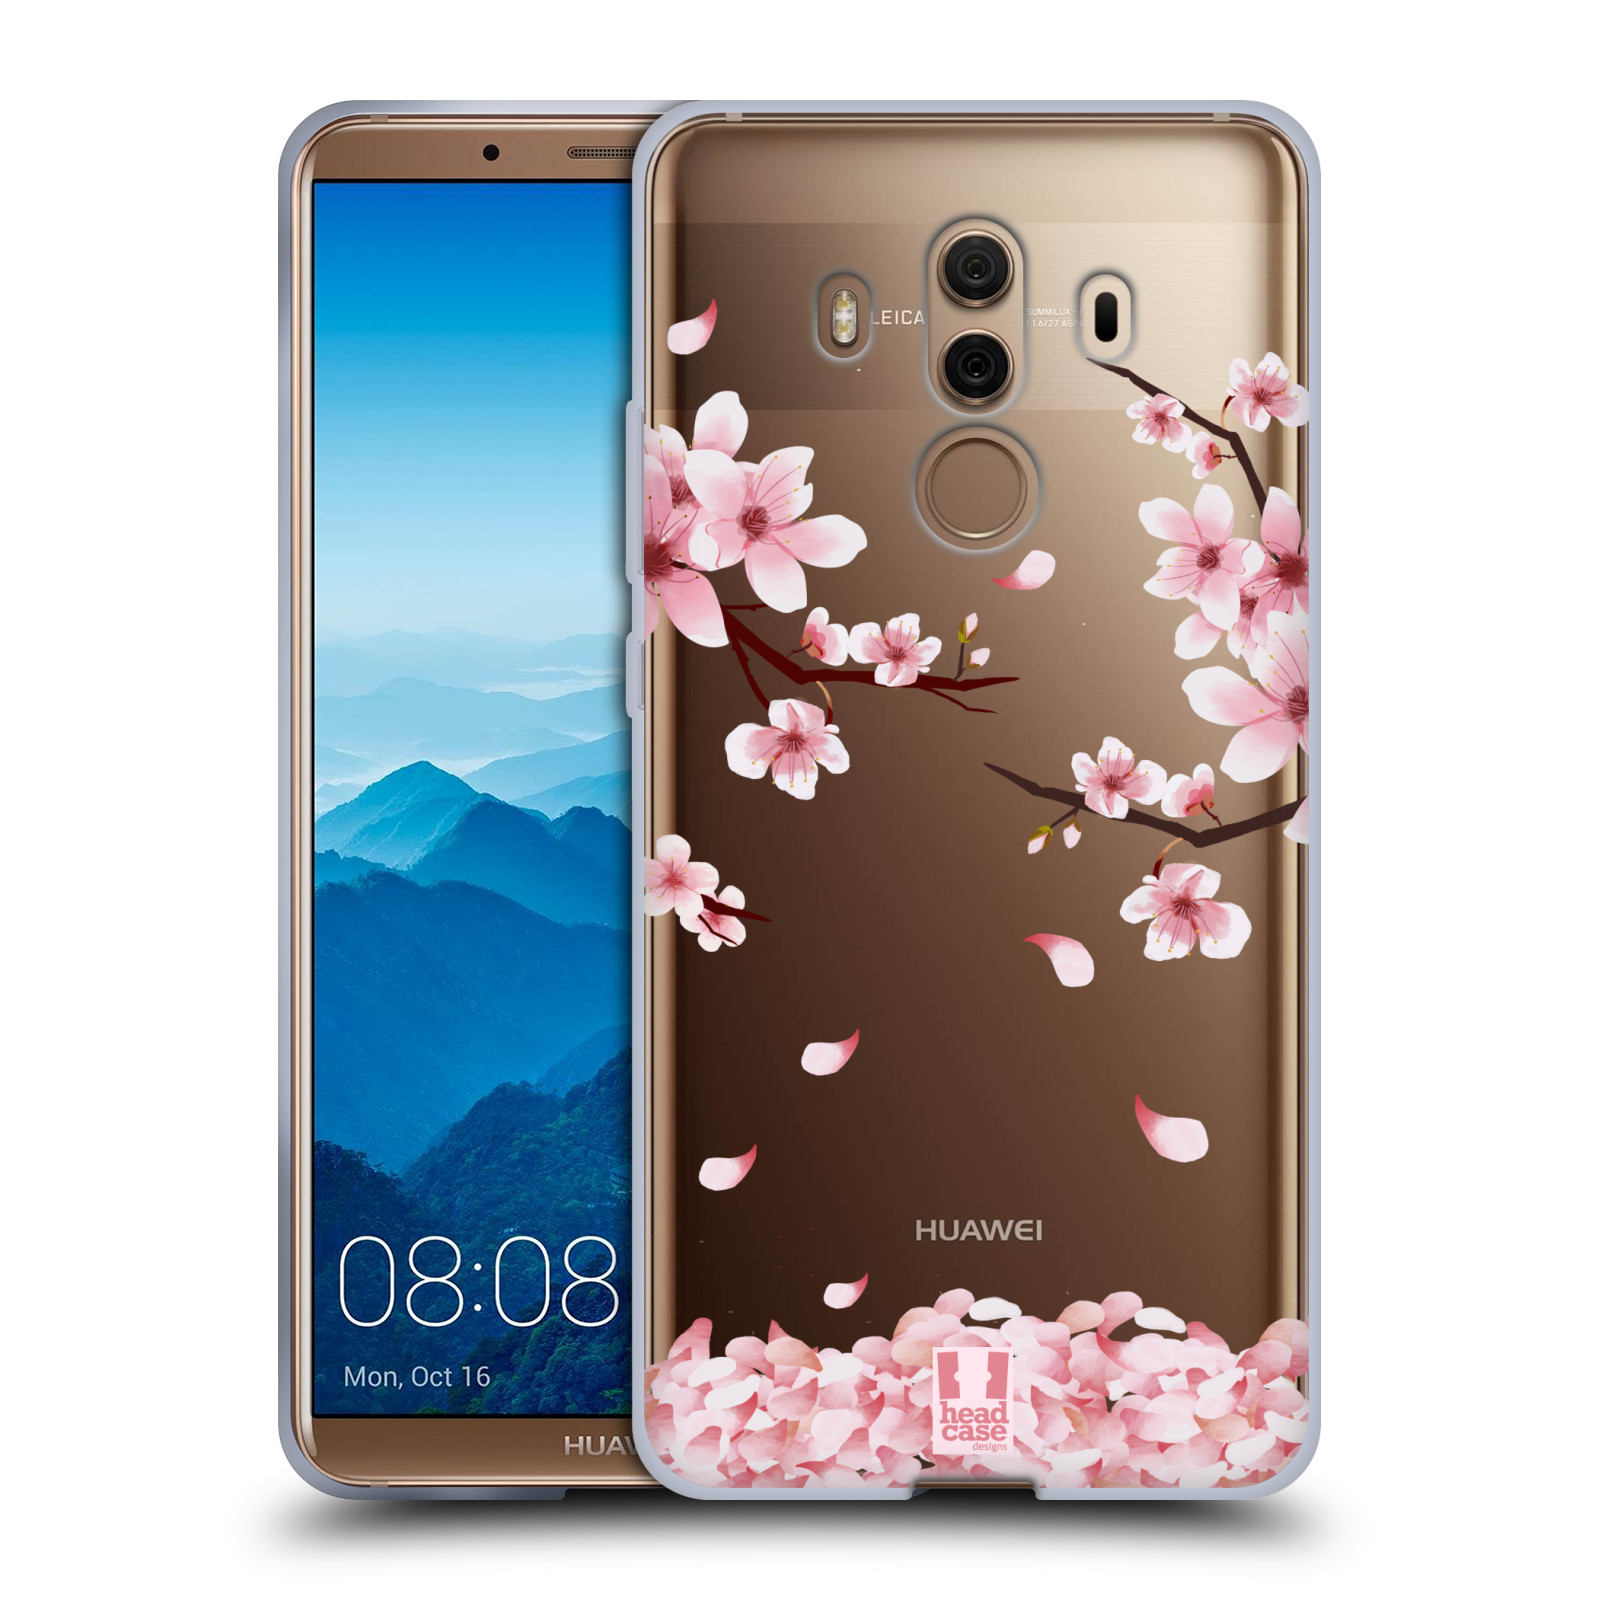 Silikonové pouzdro na mobil Huawei Mate 10 Pro - Head Case - Květy a větvičky